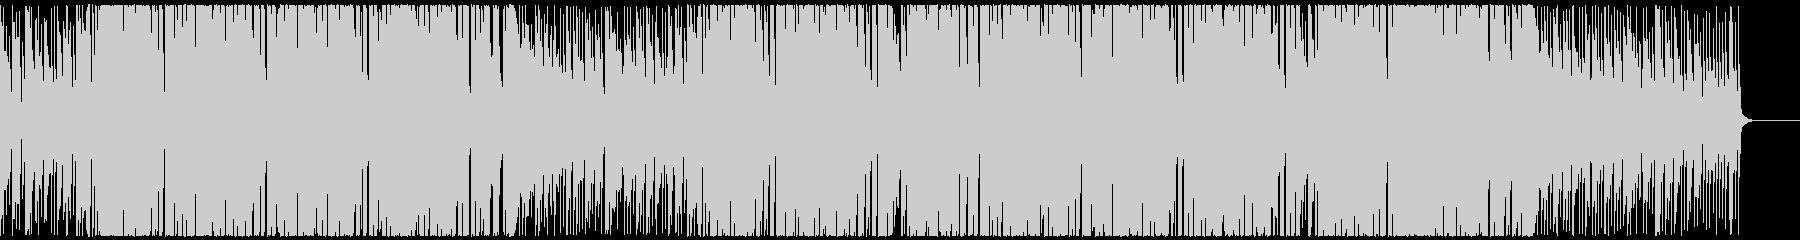 ポップで鮮やかなEDMハウス CM・映像の未再生の波形